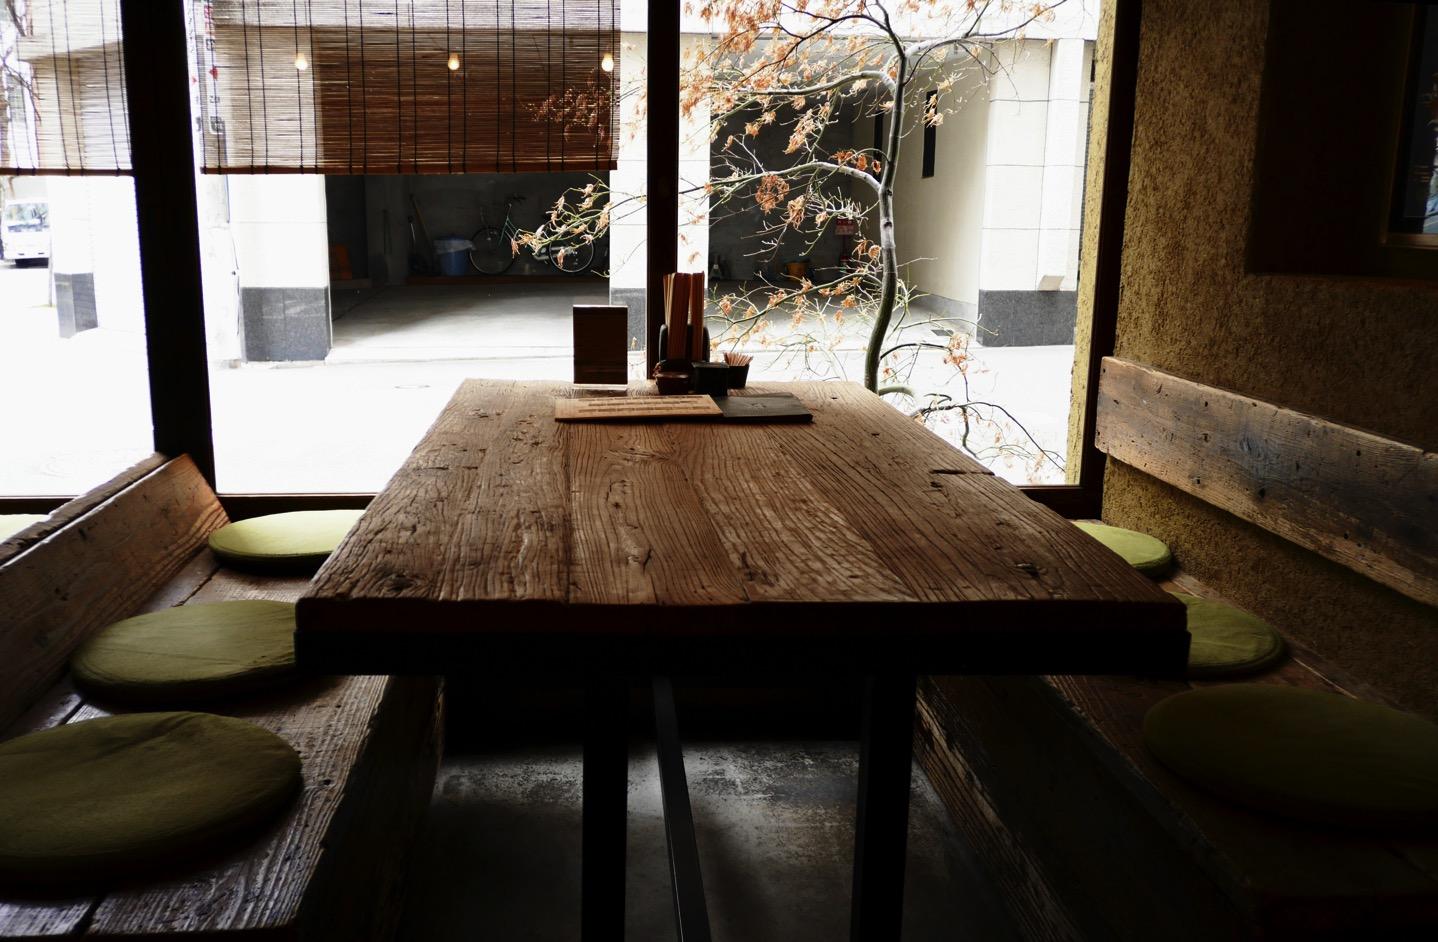 テーブル席も趣があって良い雰囲気